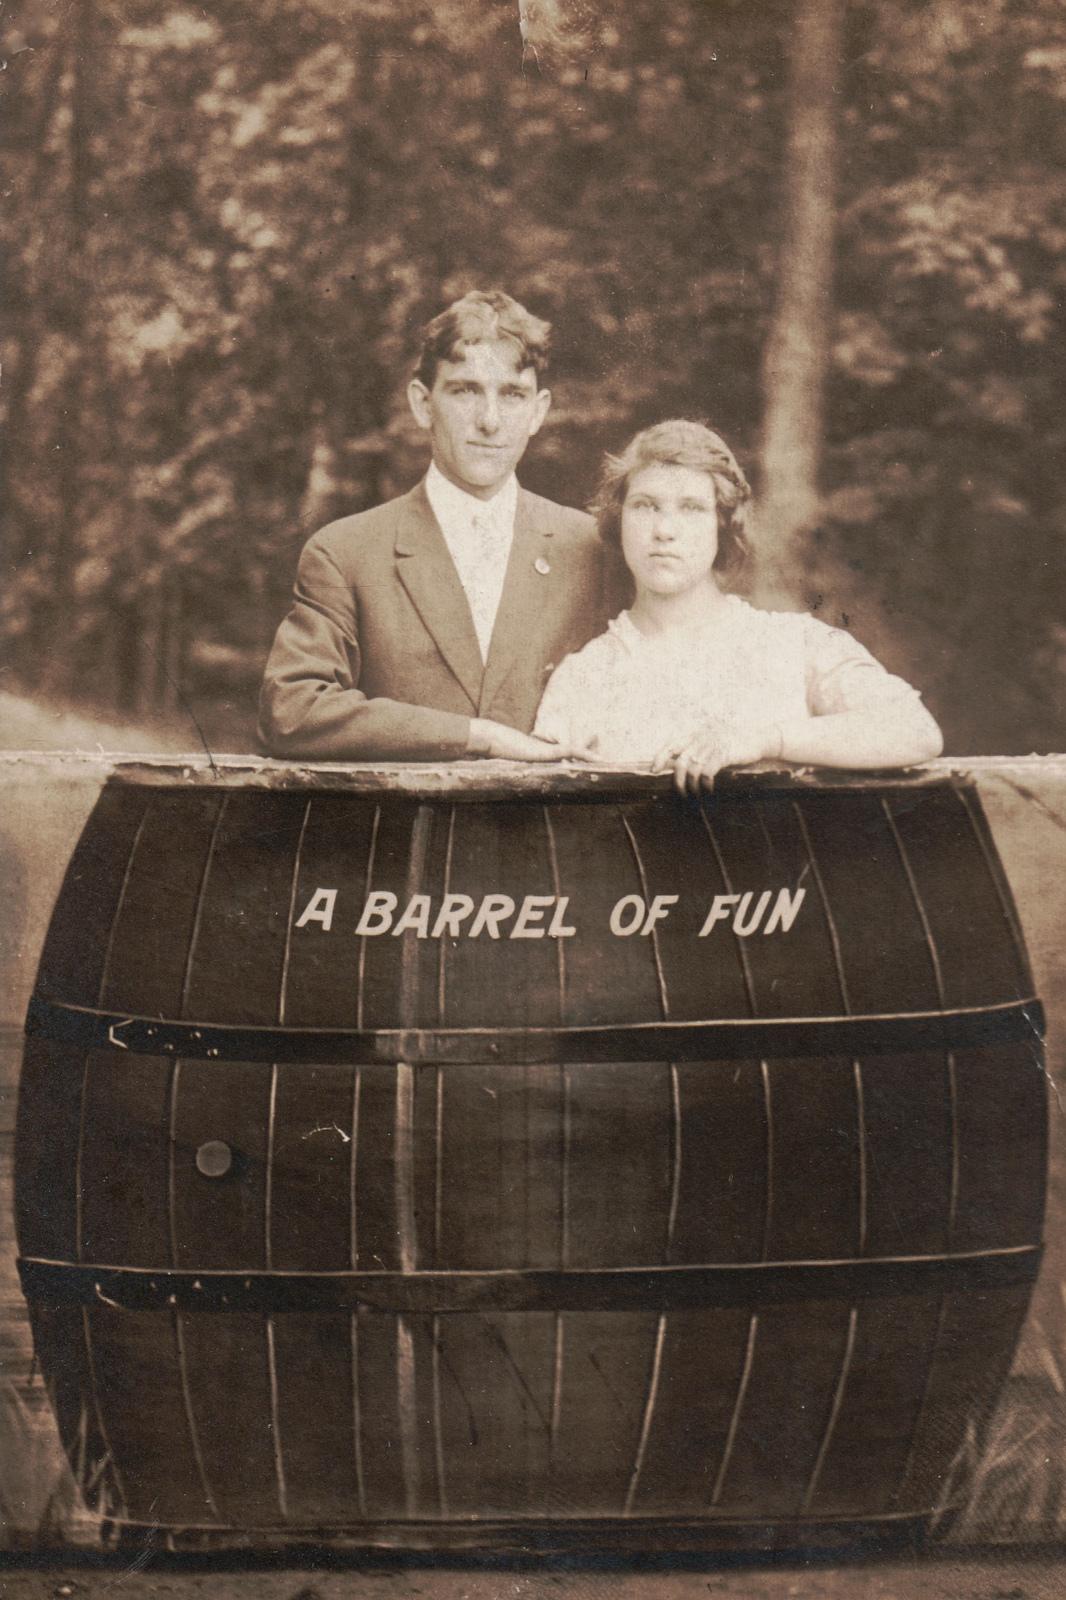 Barrel_of_fun